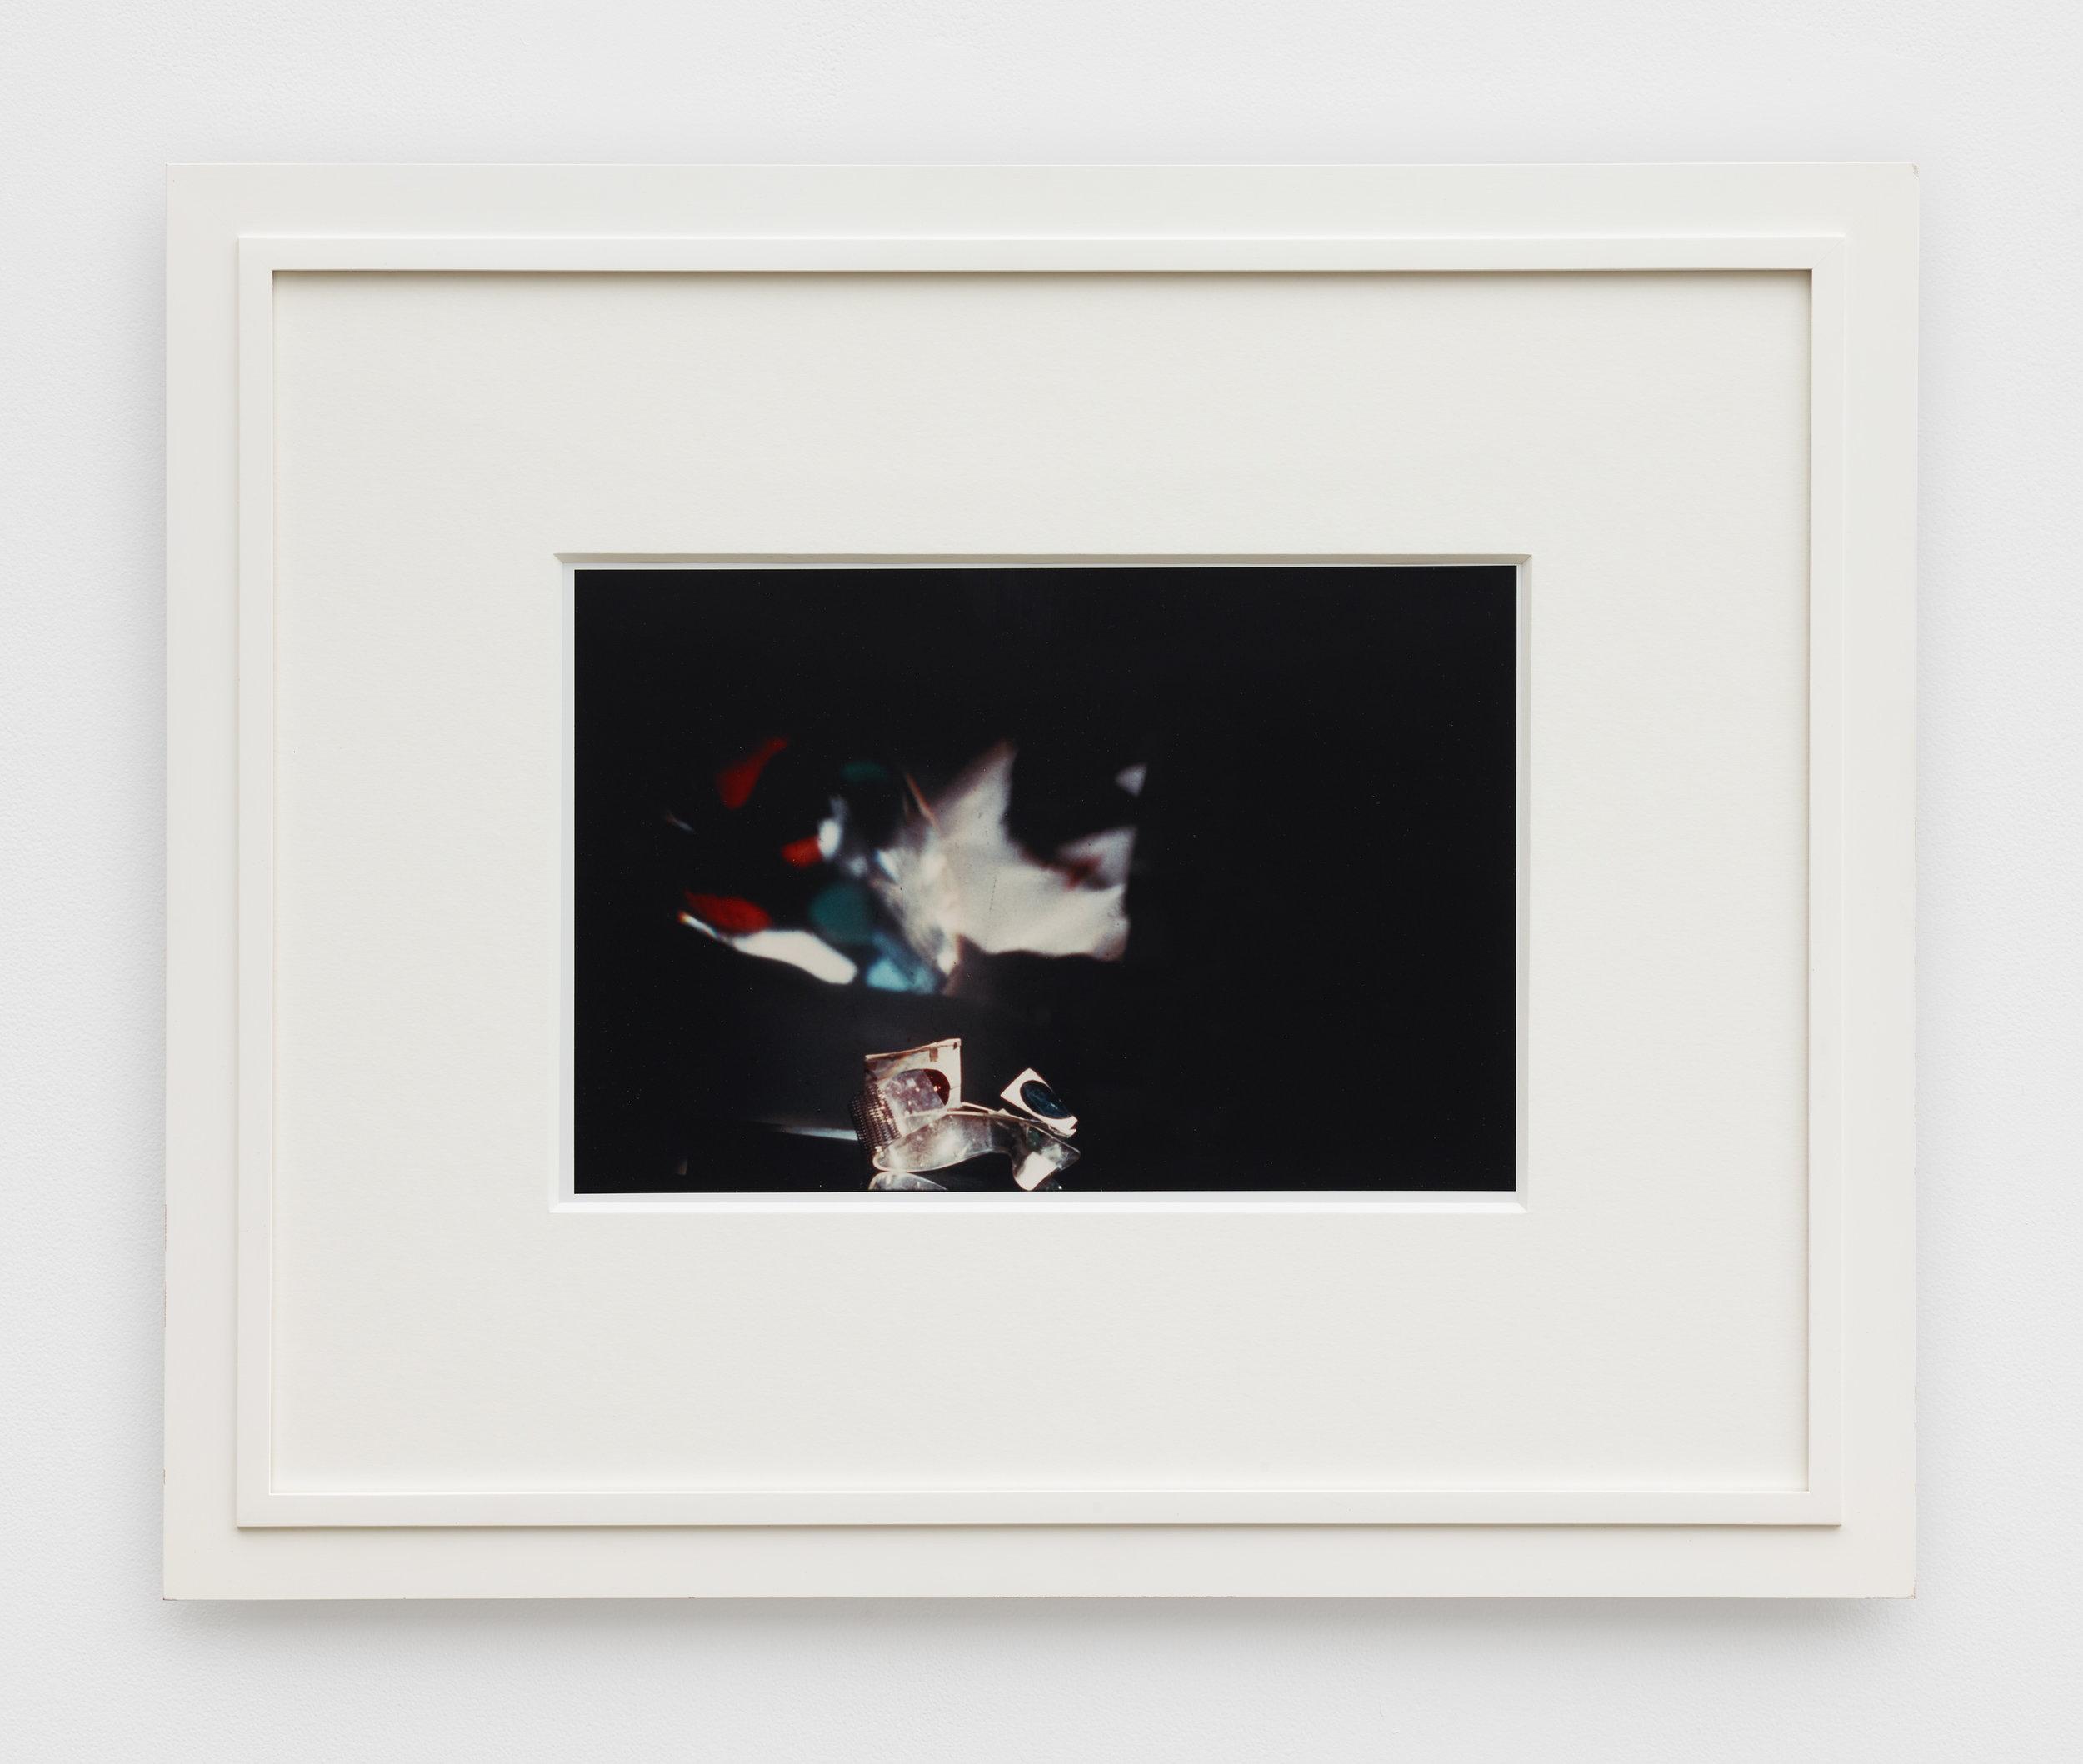 László Moholy-Nagy, Untitled, 1937-1946, Chromogenic print.